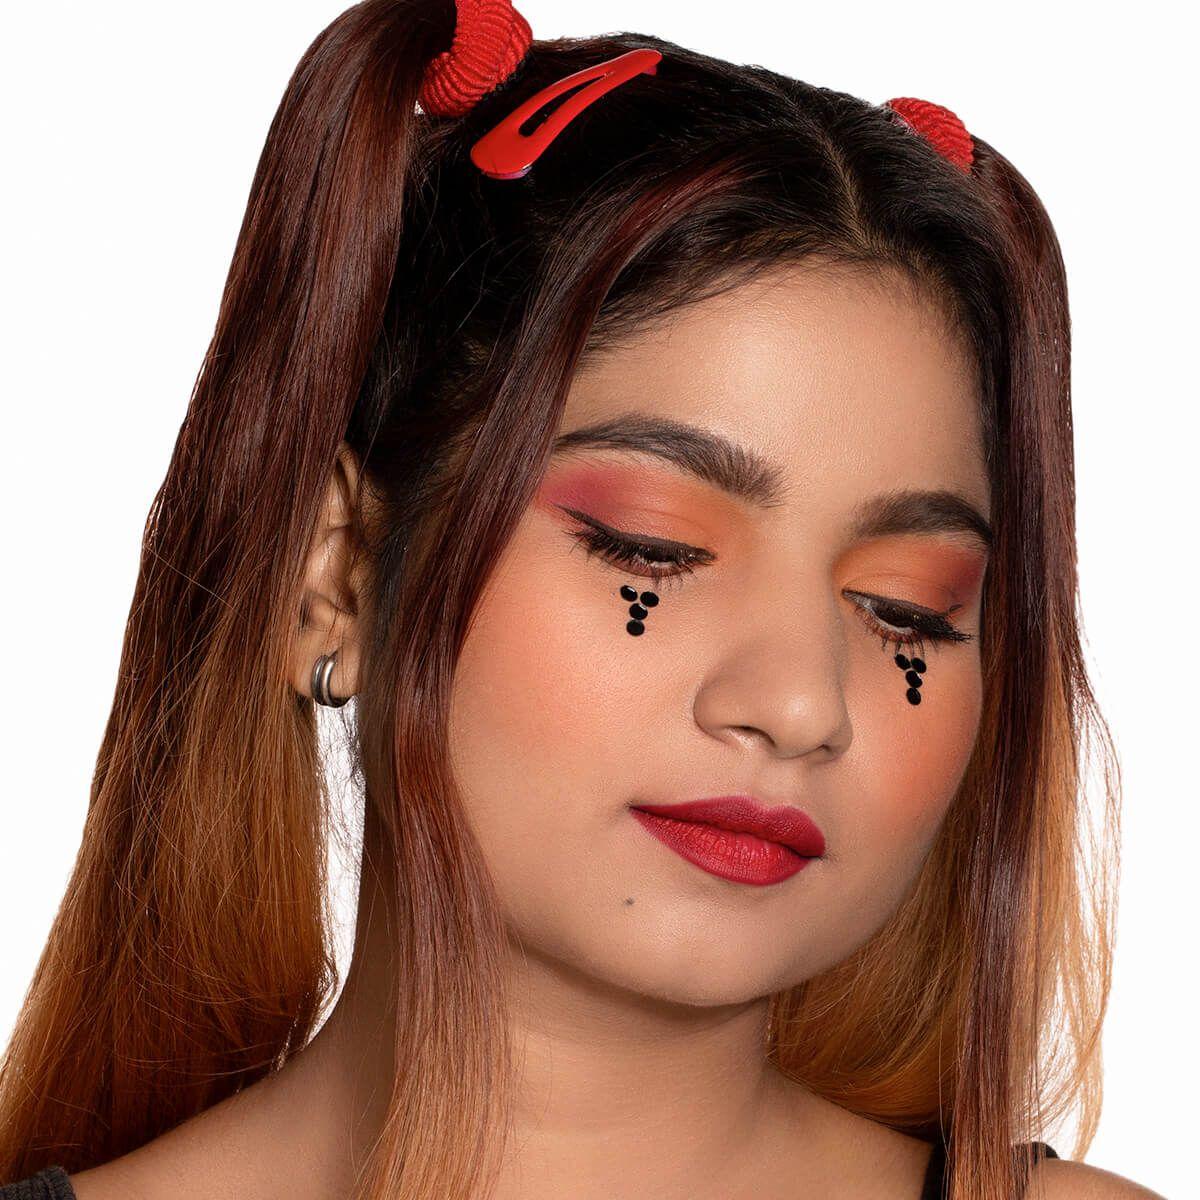 E-Girl's makeup look